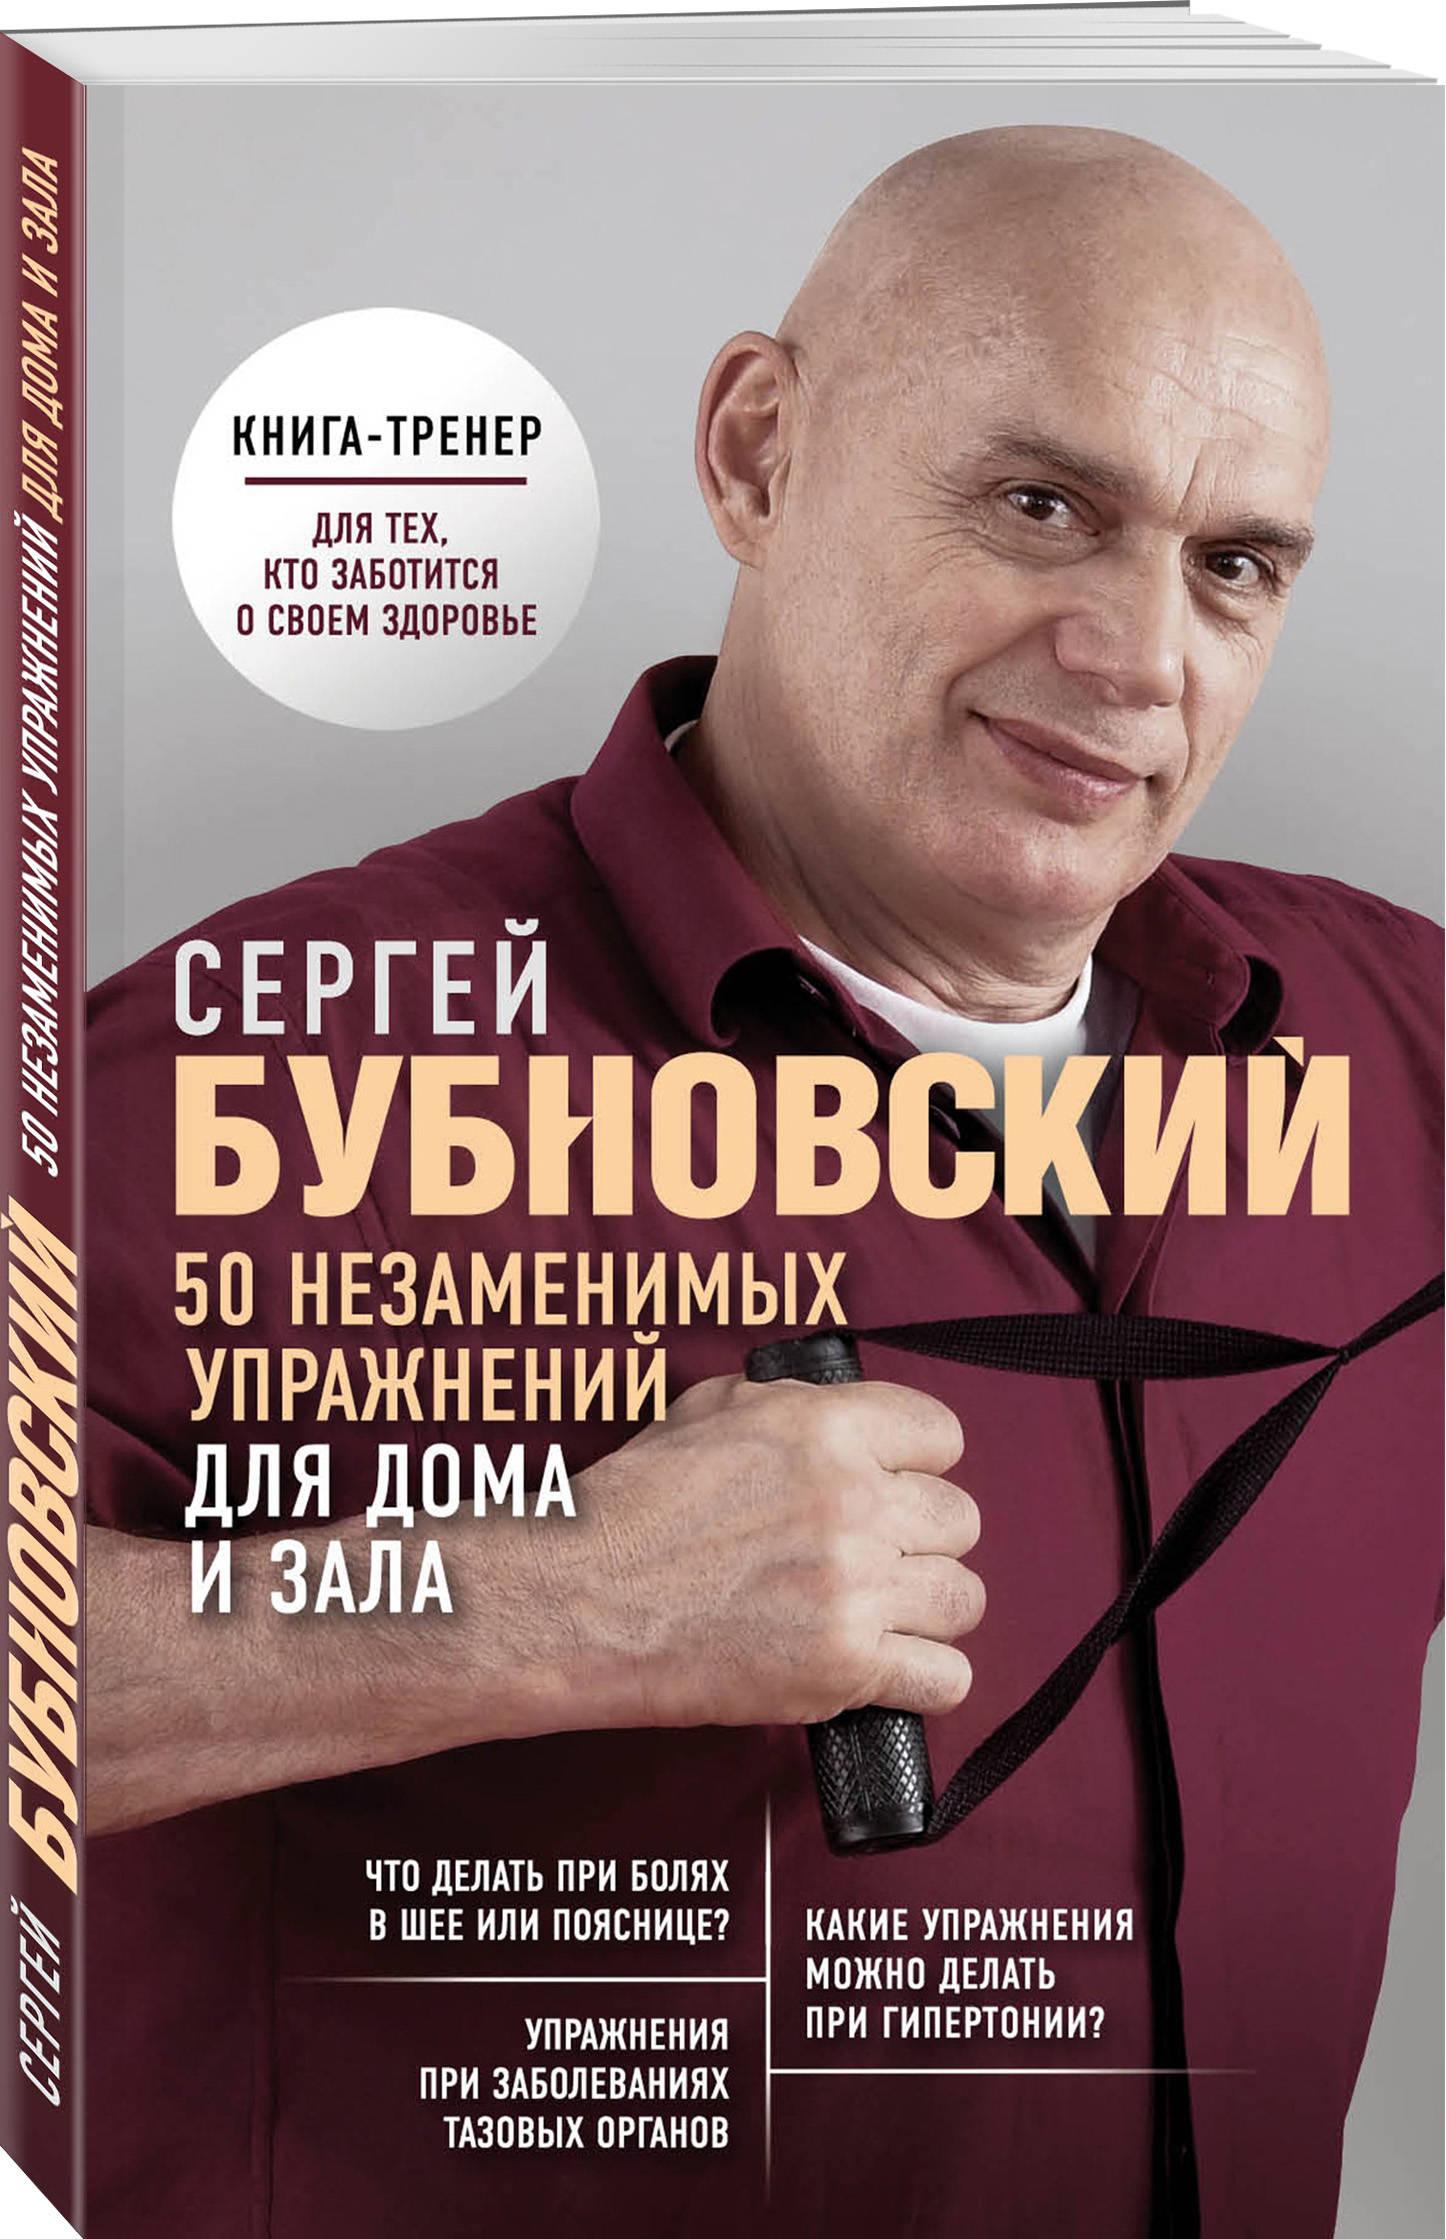 50 незаменимых упражнений для дома и зала ( Бубновский Сергей Михайлович  )